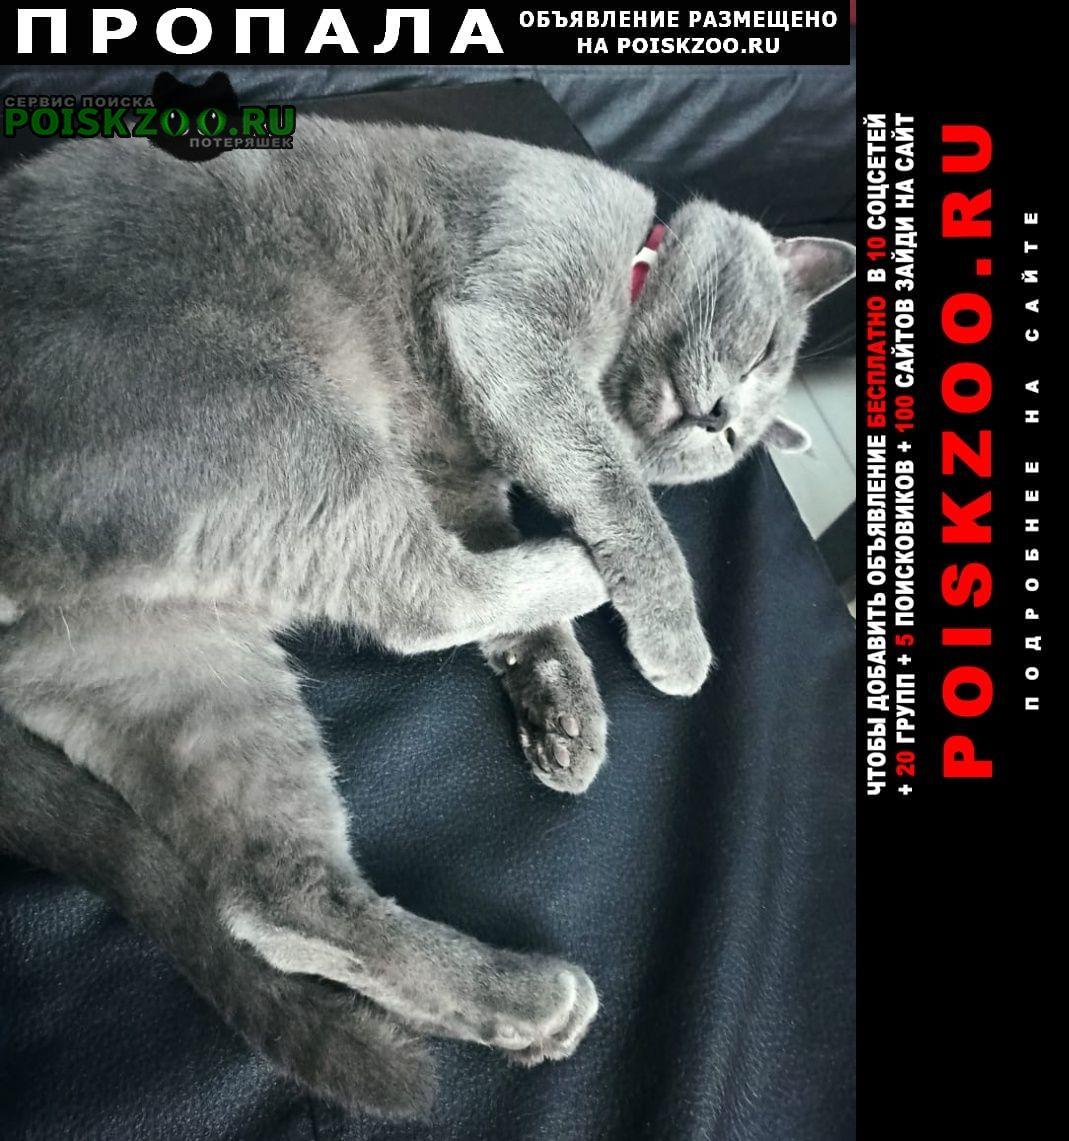 Пропал кот Усть-Лабинск